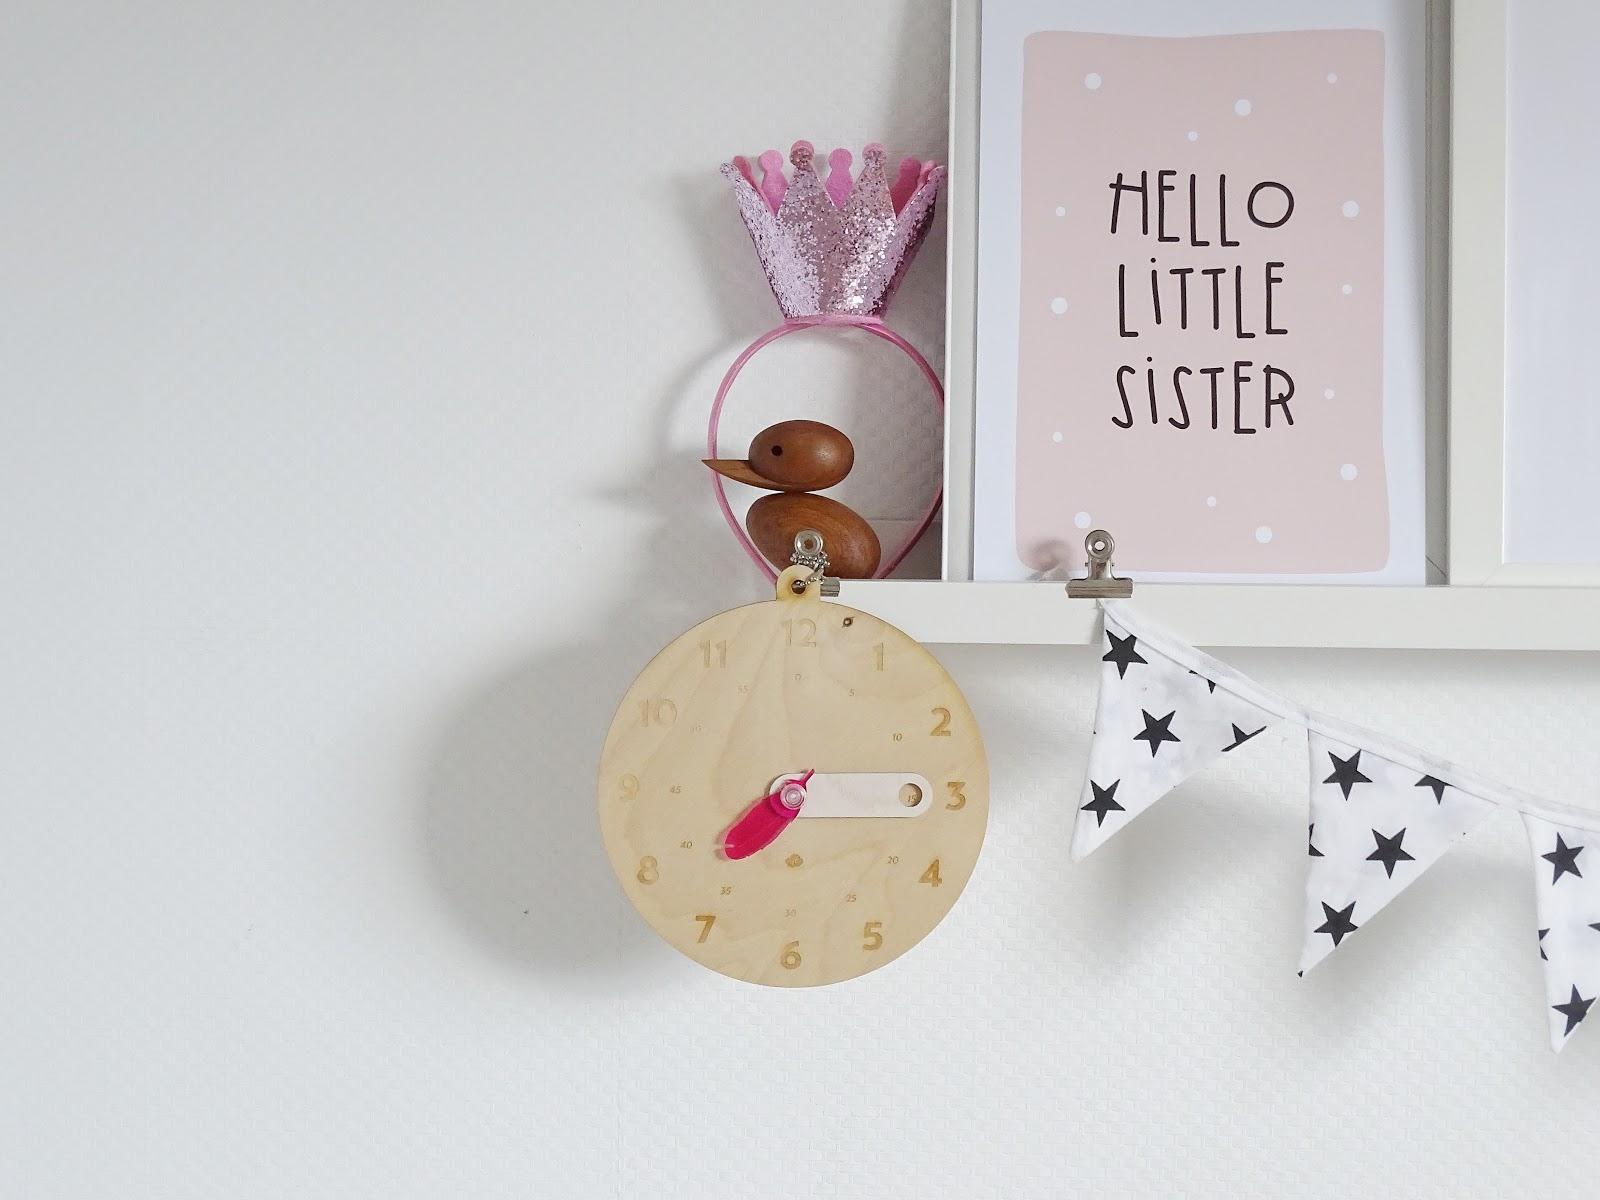 Deko-Ideen für Kinderzimmer - http://mammilade.blogspot.de - Fotoaktion #12von12